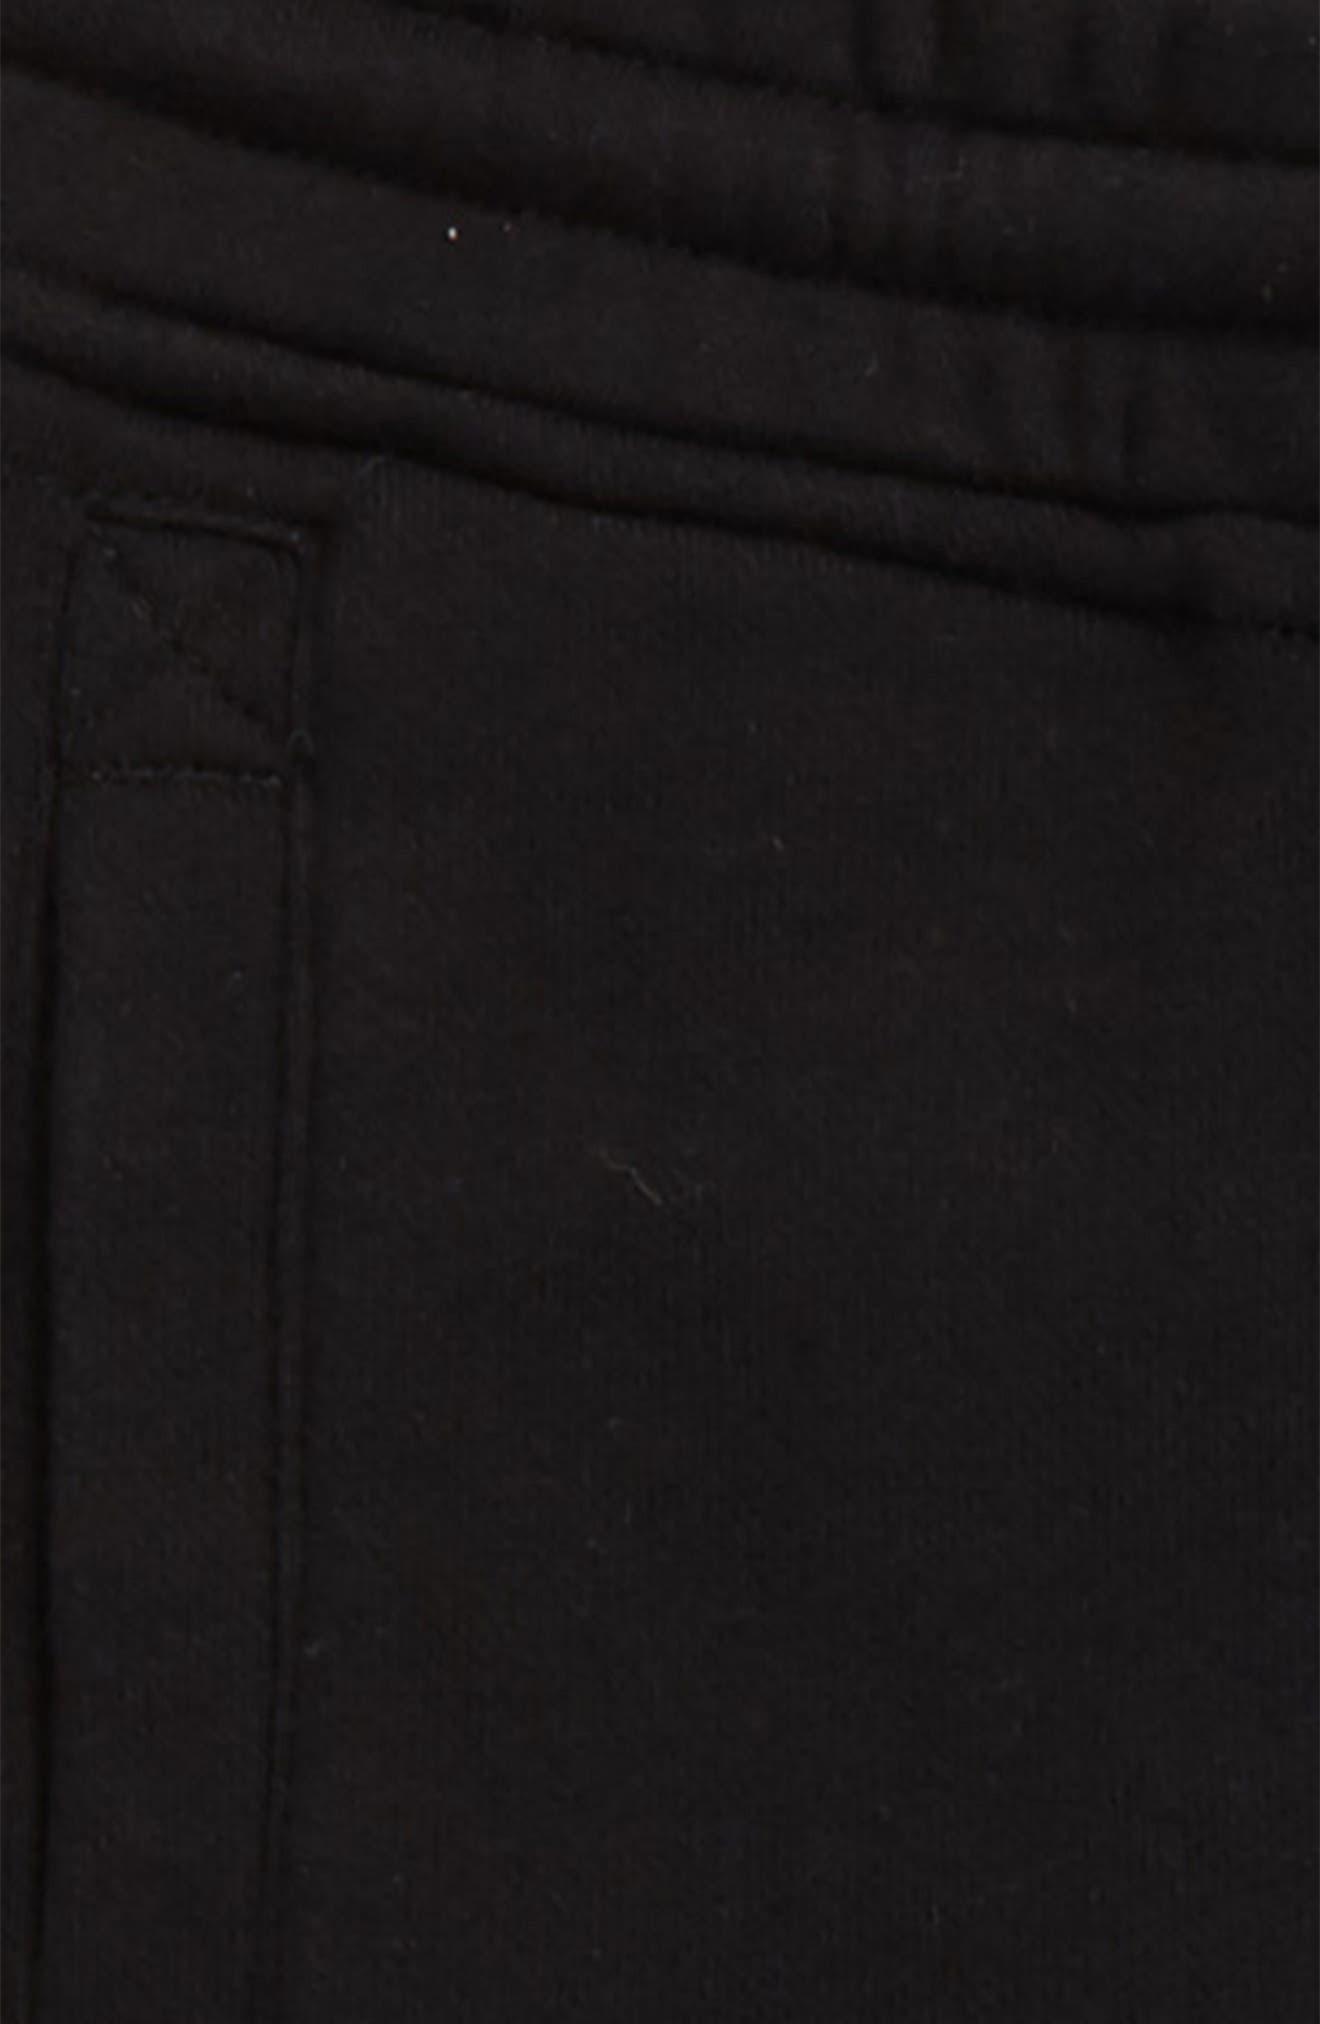 Julius Knit Jogger Pants,                             Alternate thumbnail 2, color,                             Black